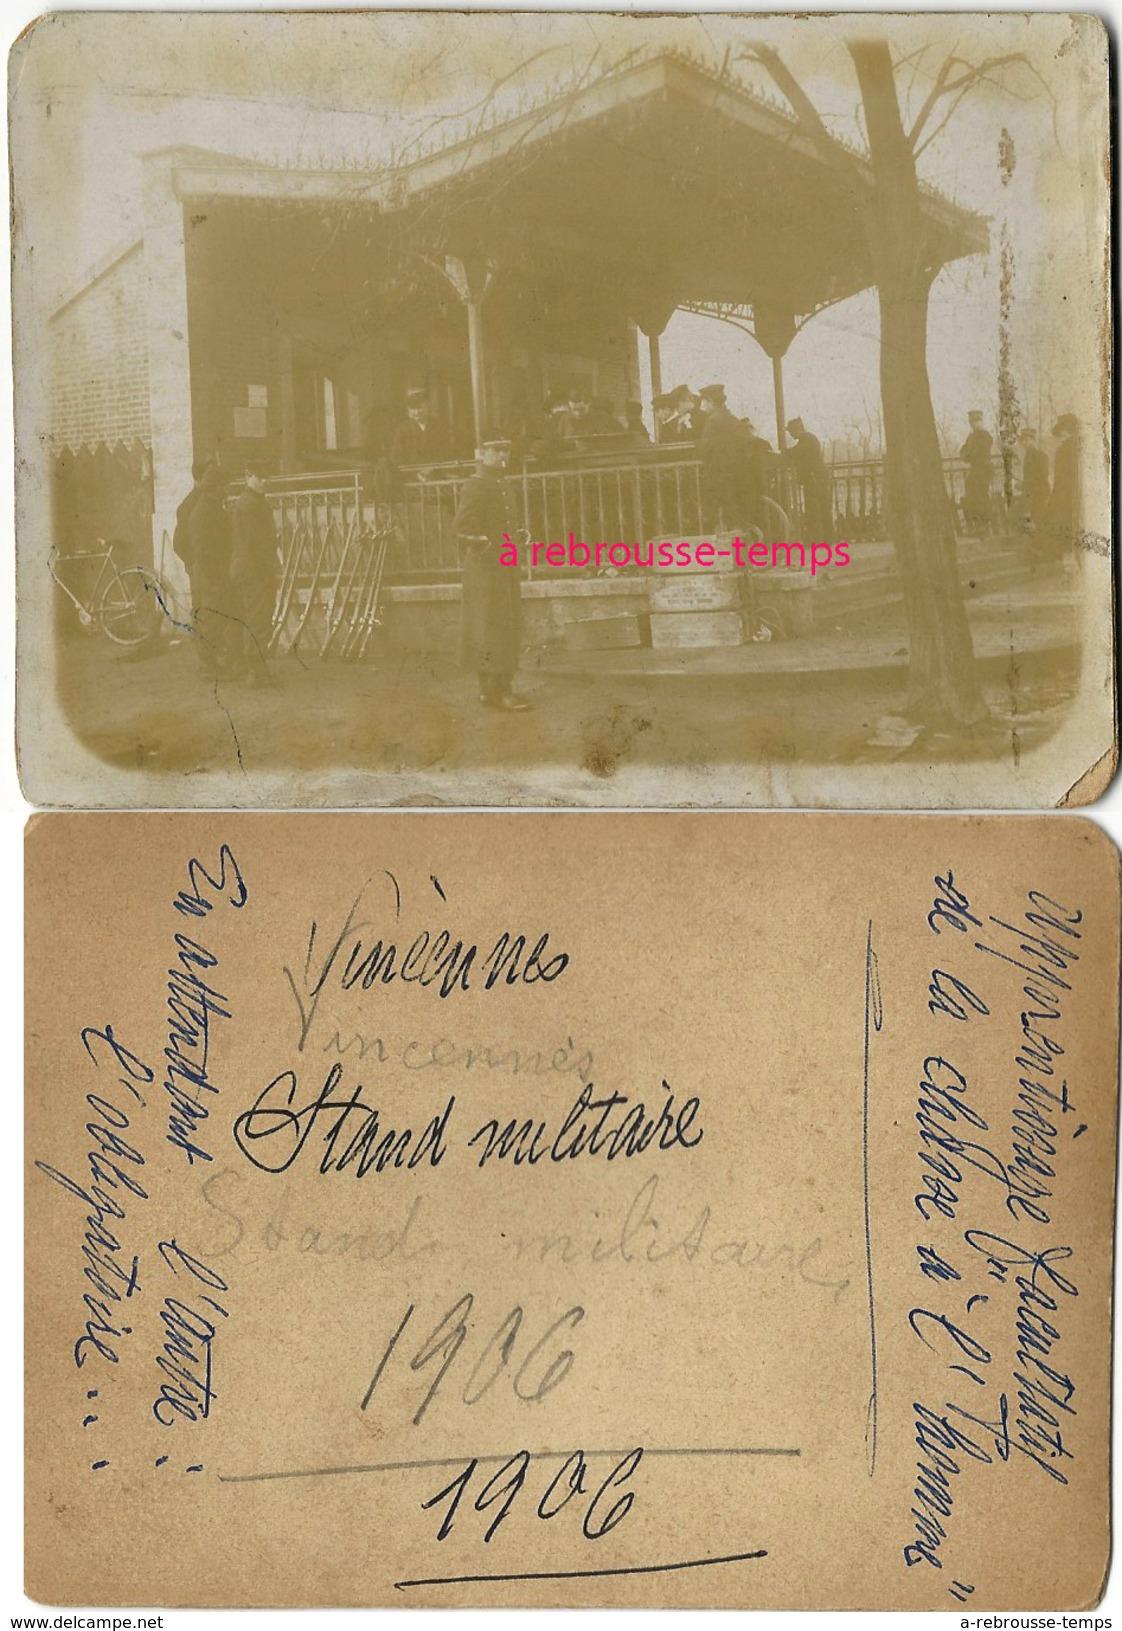 """En 1906-Vincennes-stand Militaire-apprentissage """"chasse à L'homme"""" - Photographs"""